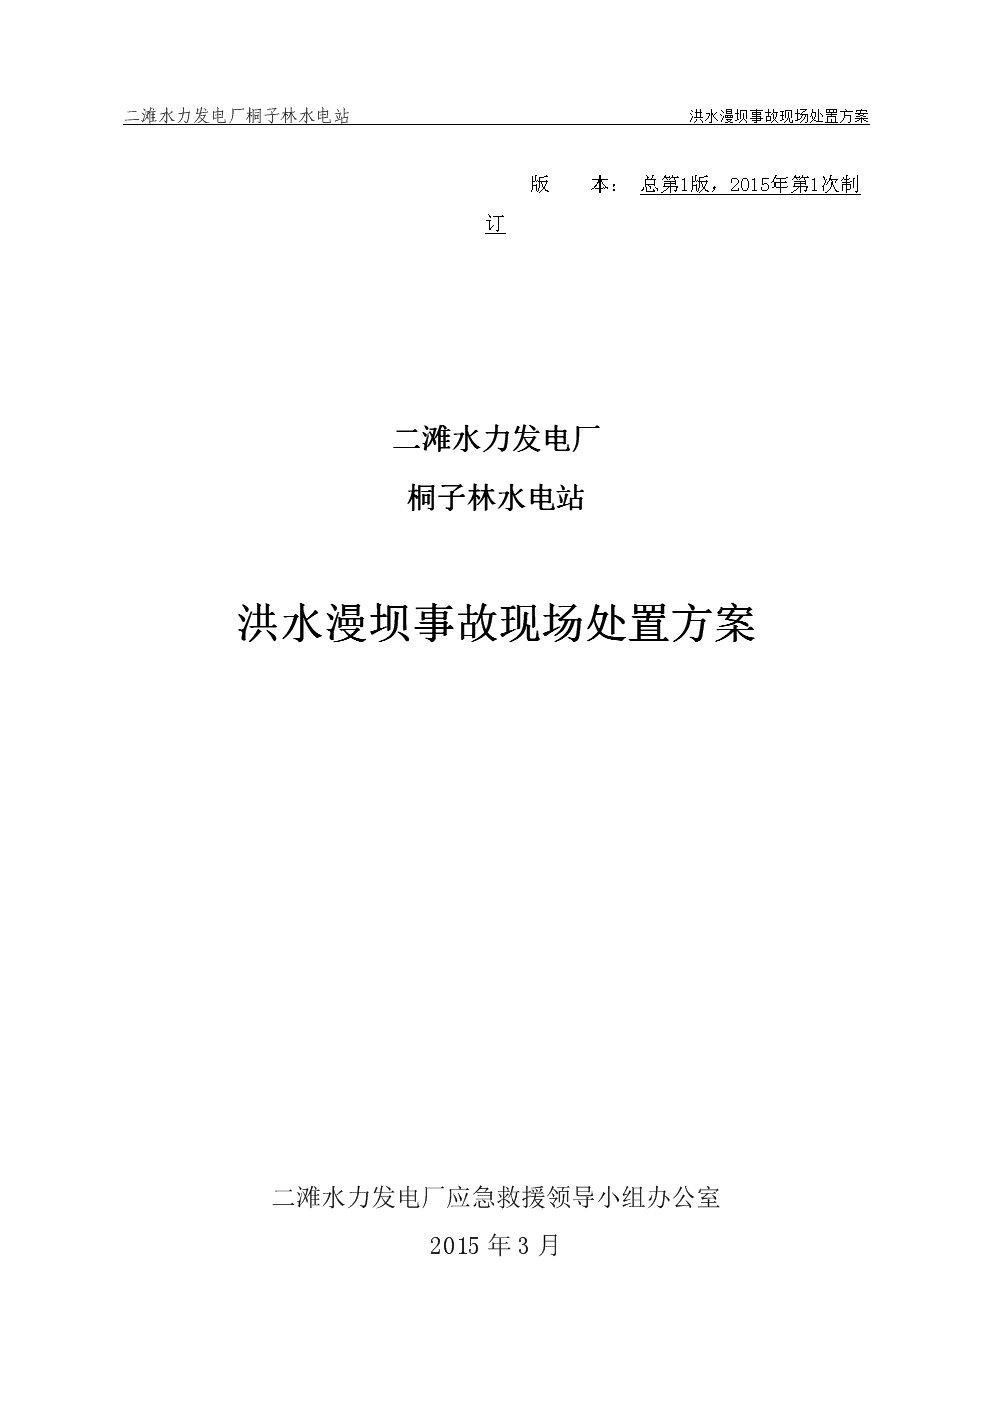 02-桐子林水电站洪水漫坝事故现场处置方案.doc